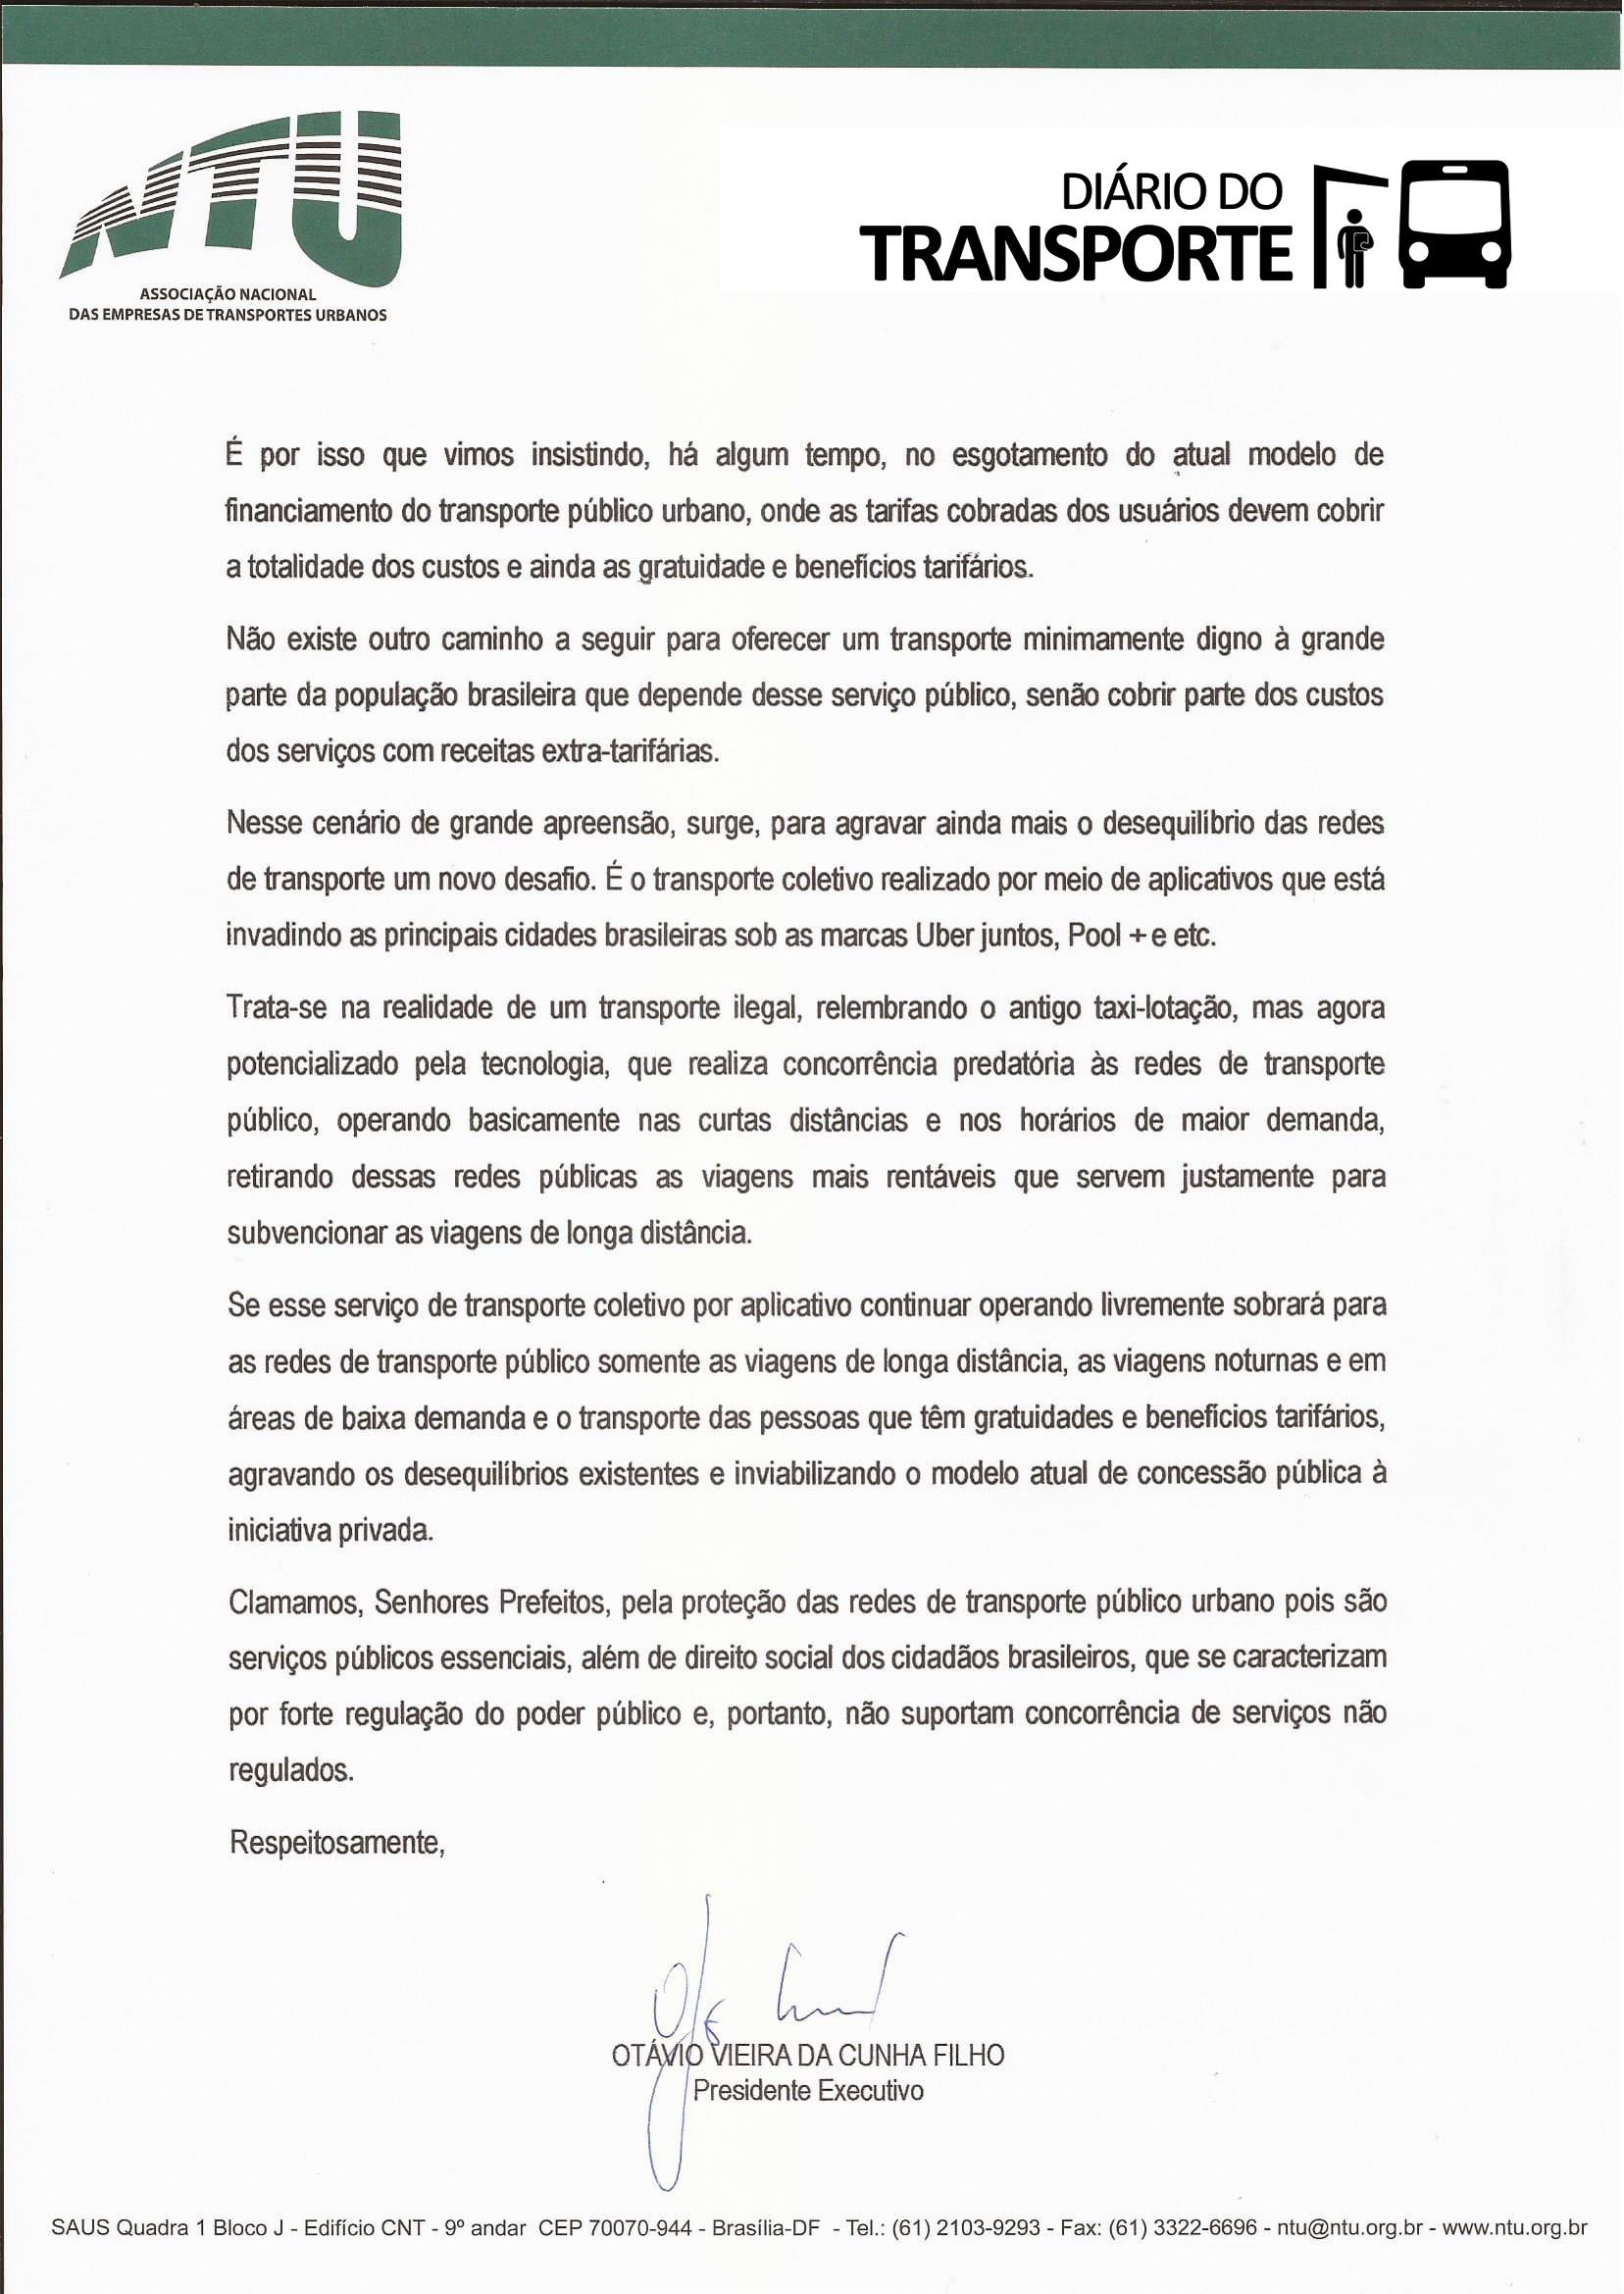 Carta Aberta aos Prefeitos_26_11 (2)-2